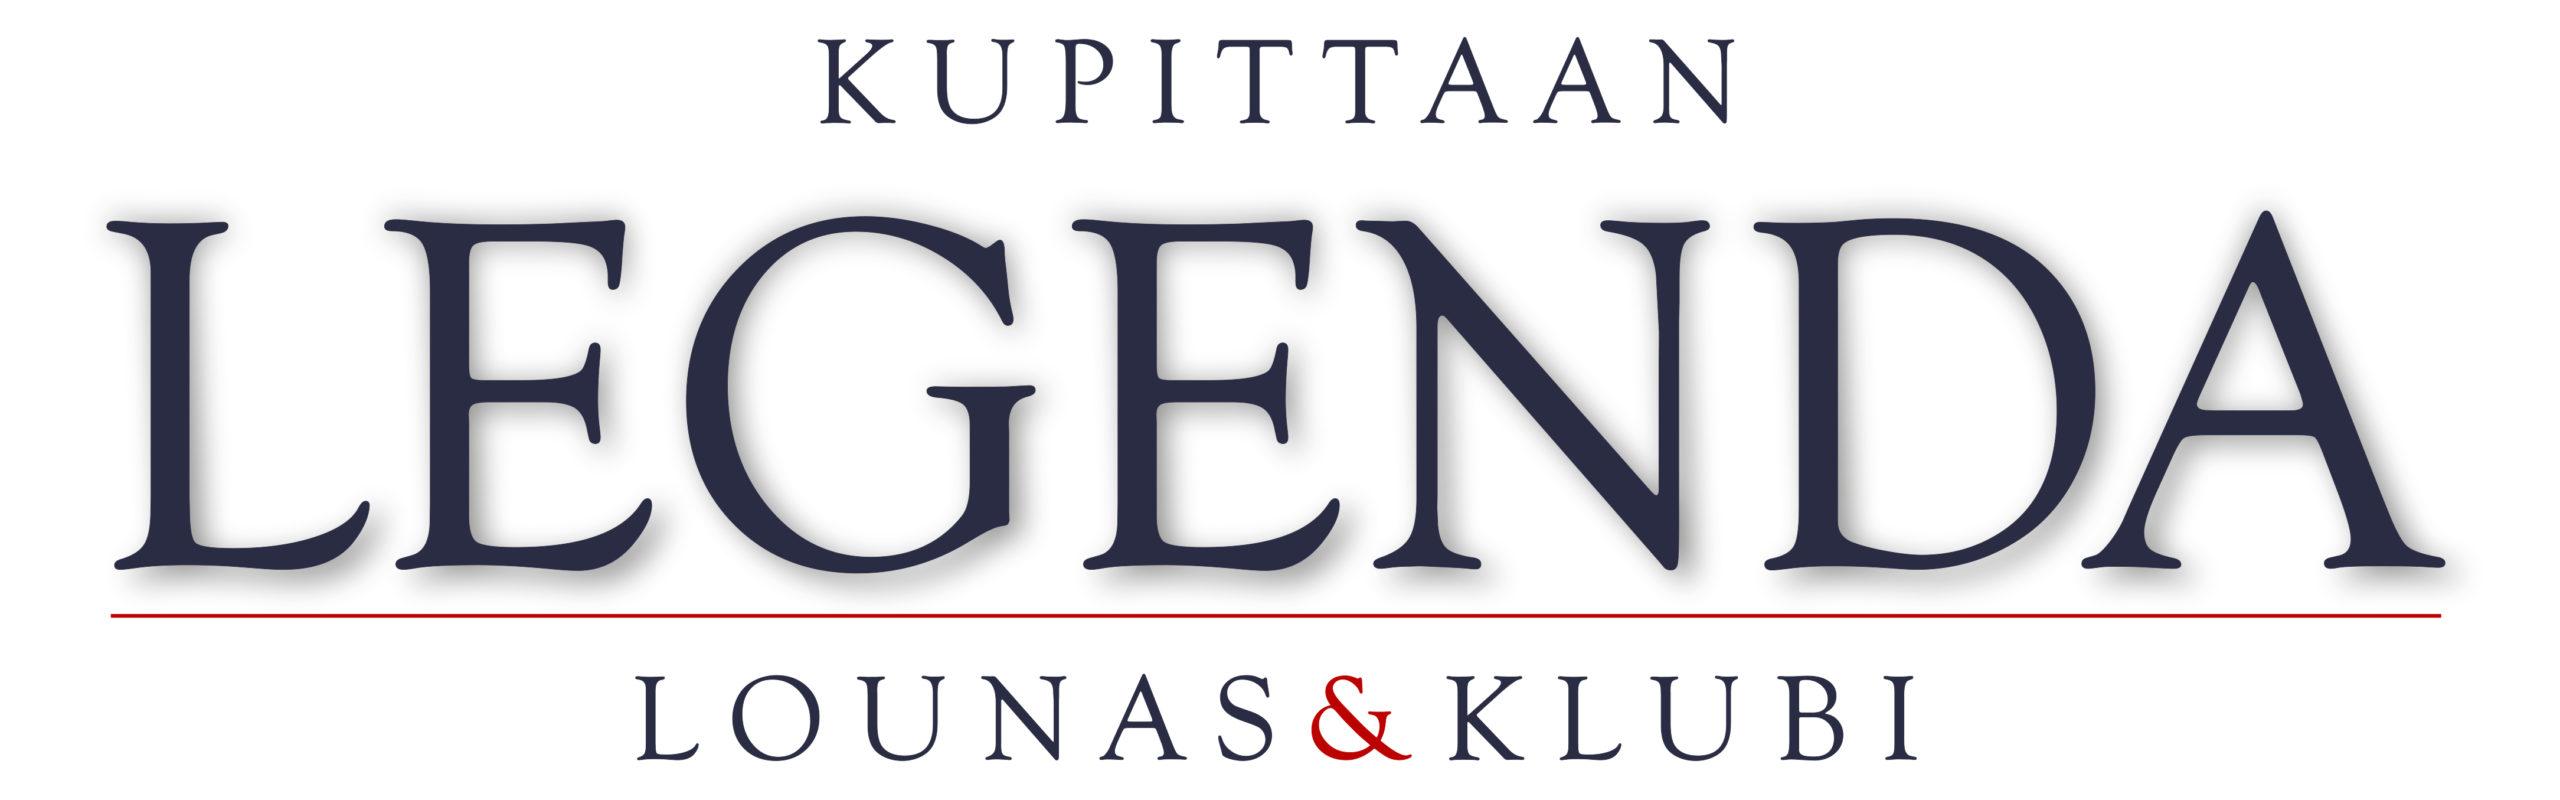 Kupittaan Legenda logo